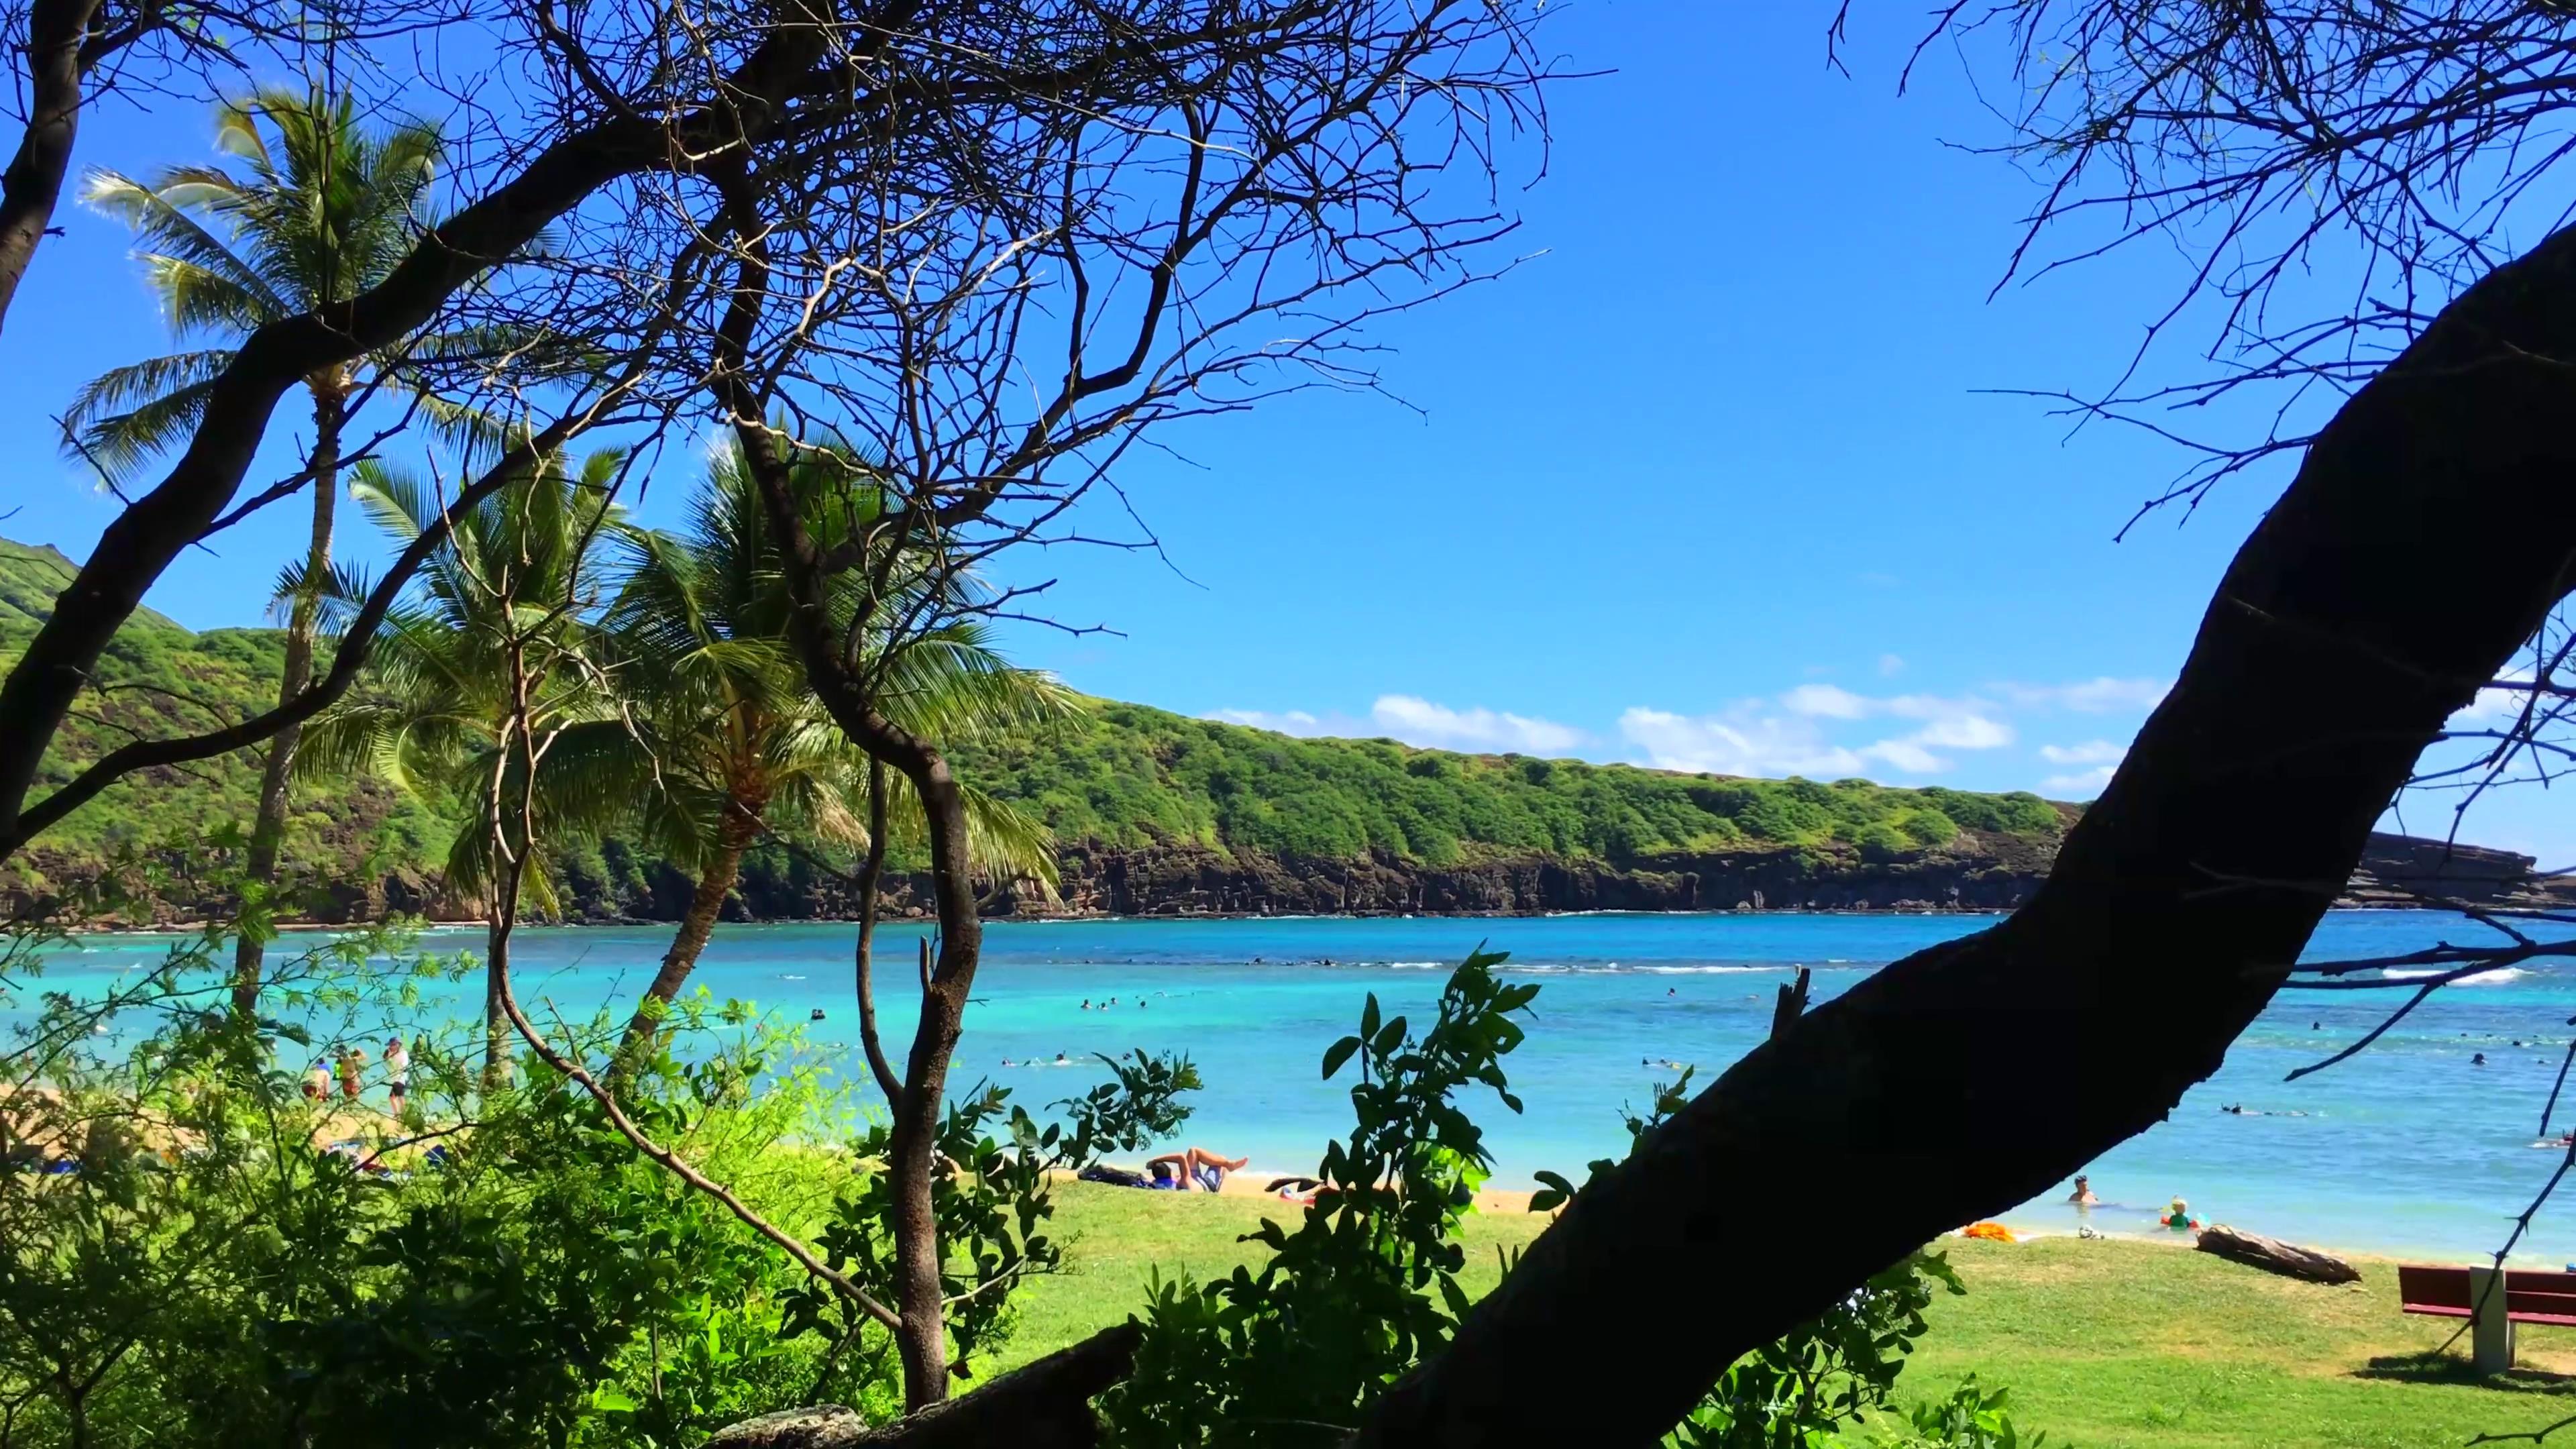 阳光明媚碧海蓝天夏威夷海滩休闲度假高清实拍